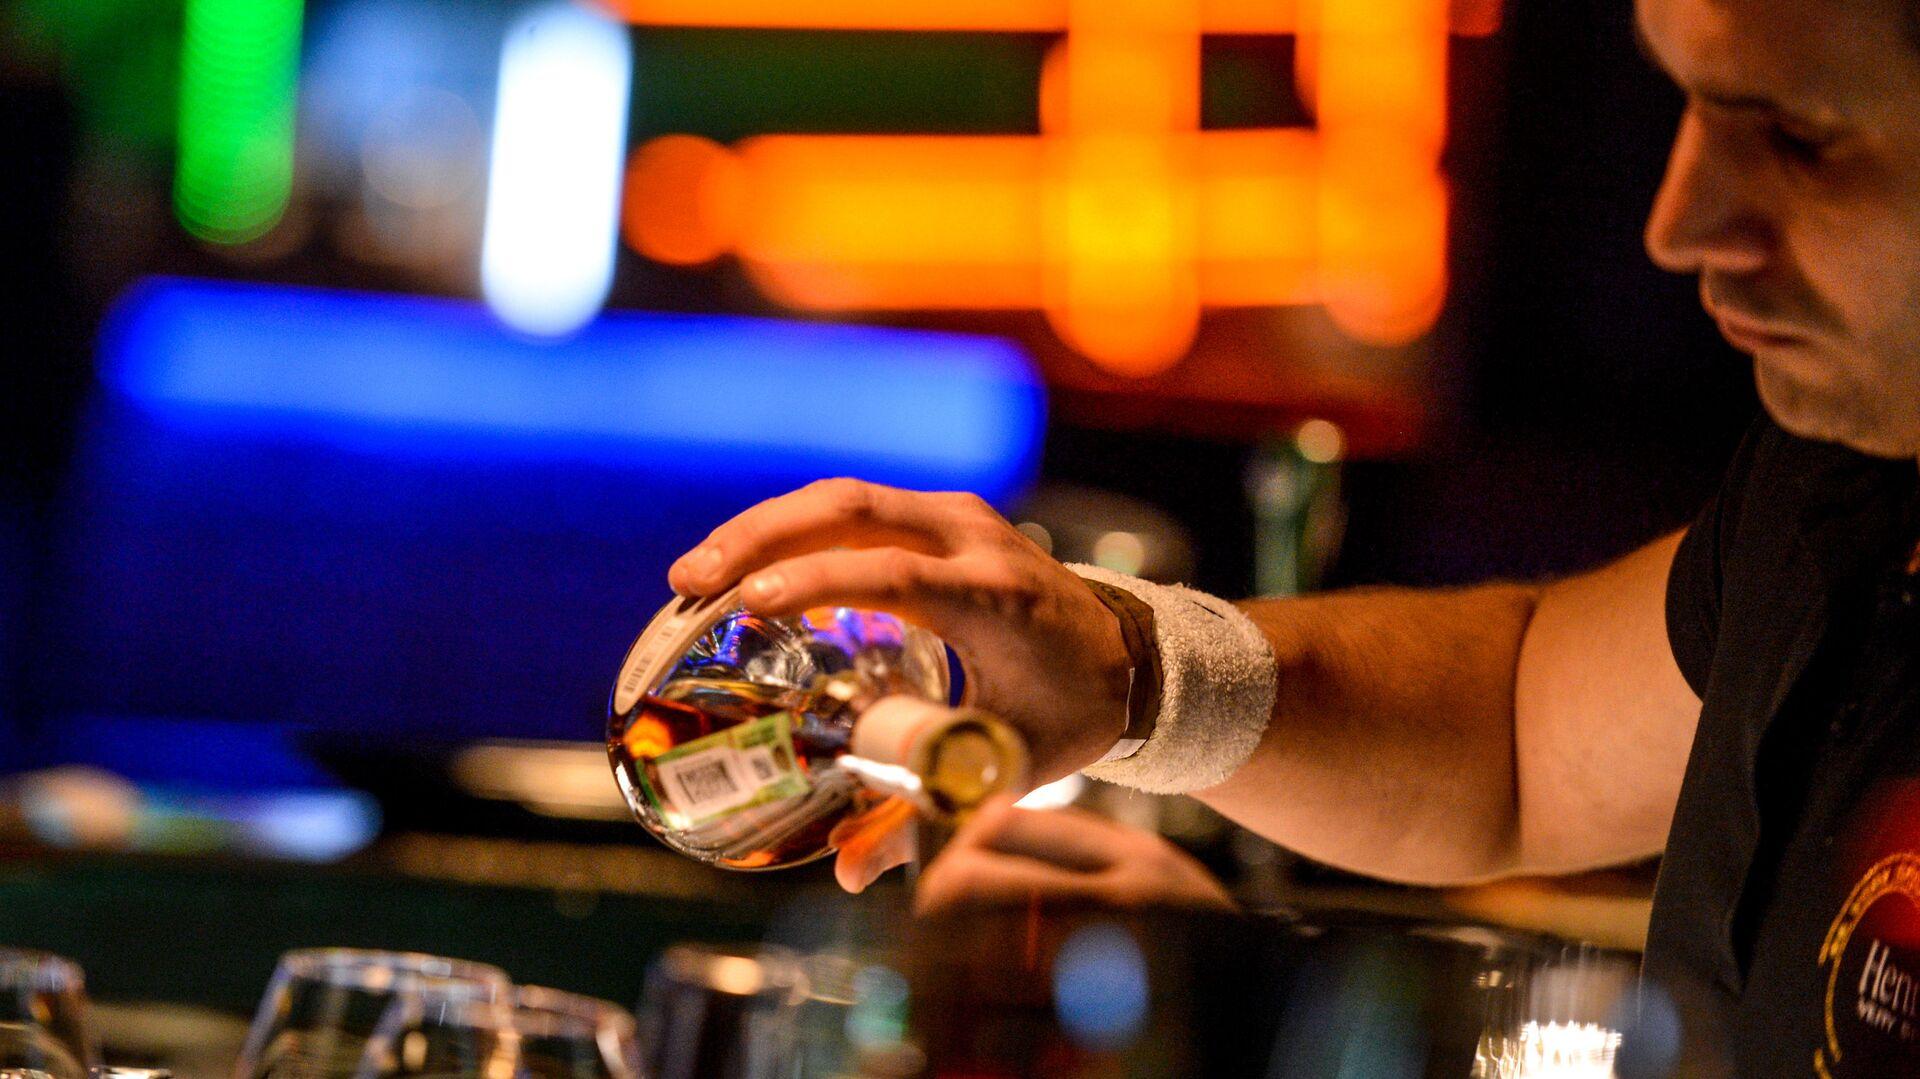 Бармен разливает напитки за барной стойкой в  клубе  - РИА Новости, 1920, 26.10.2020